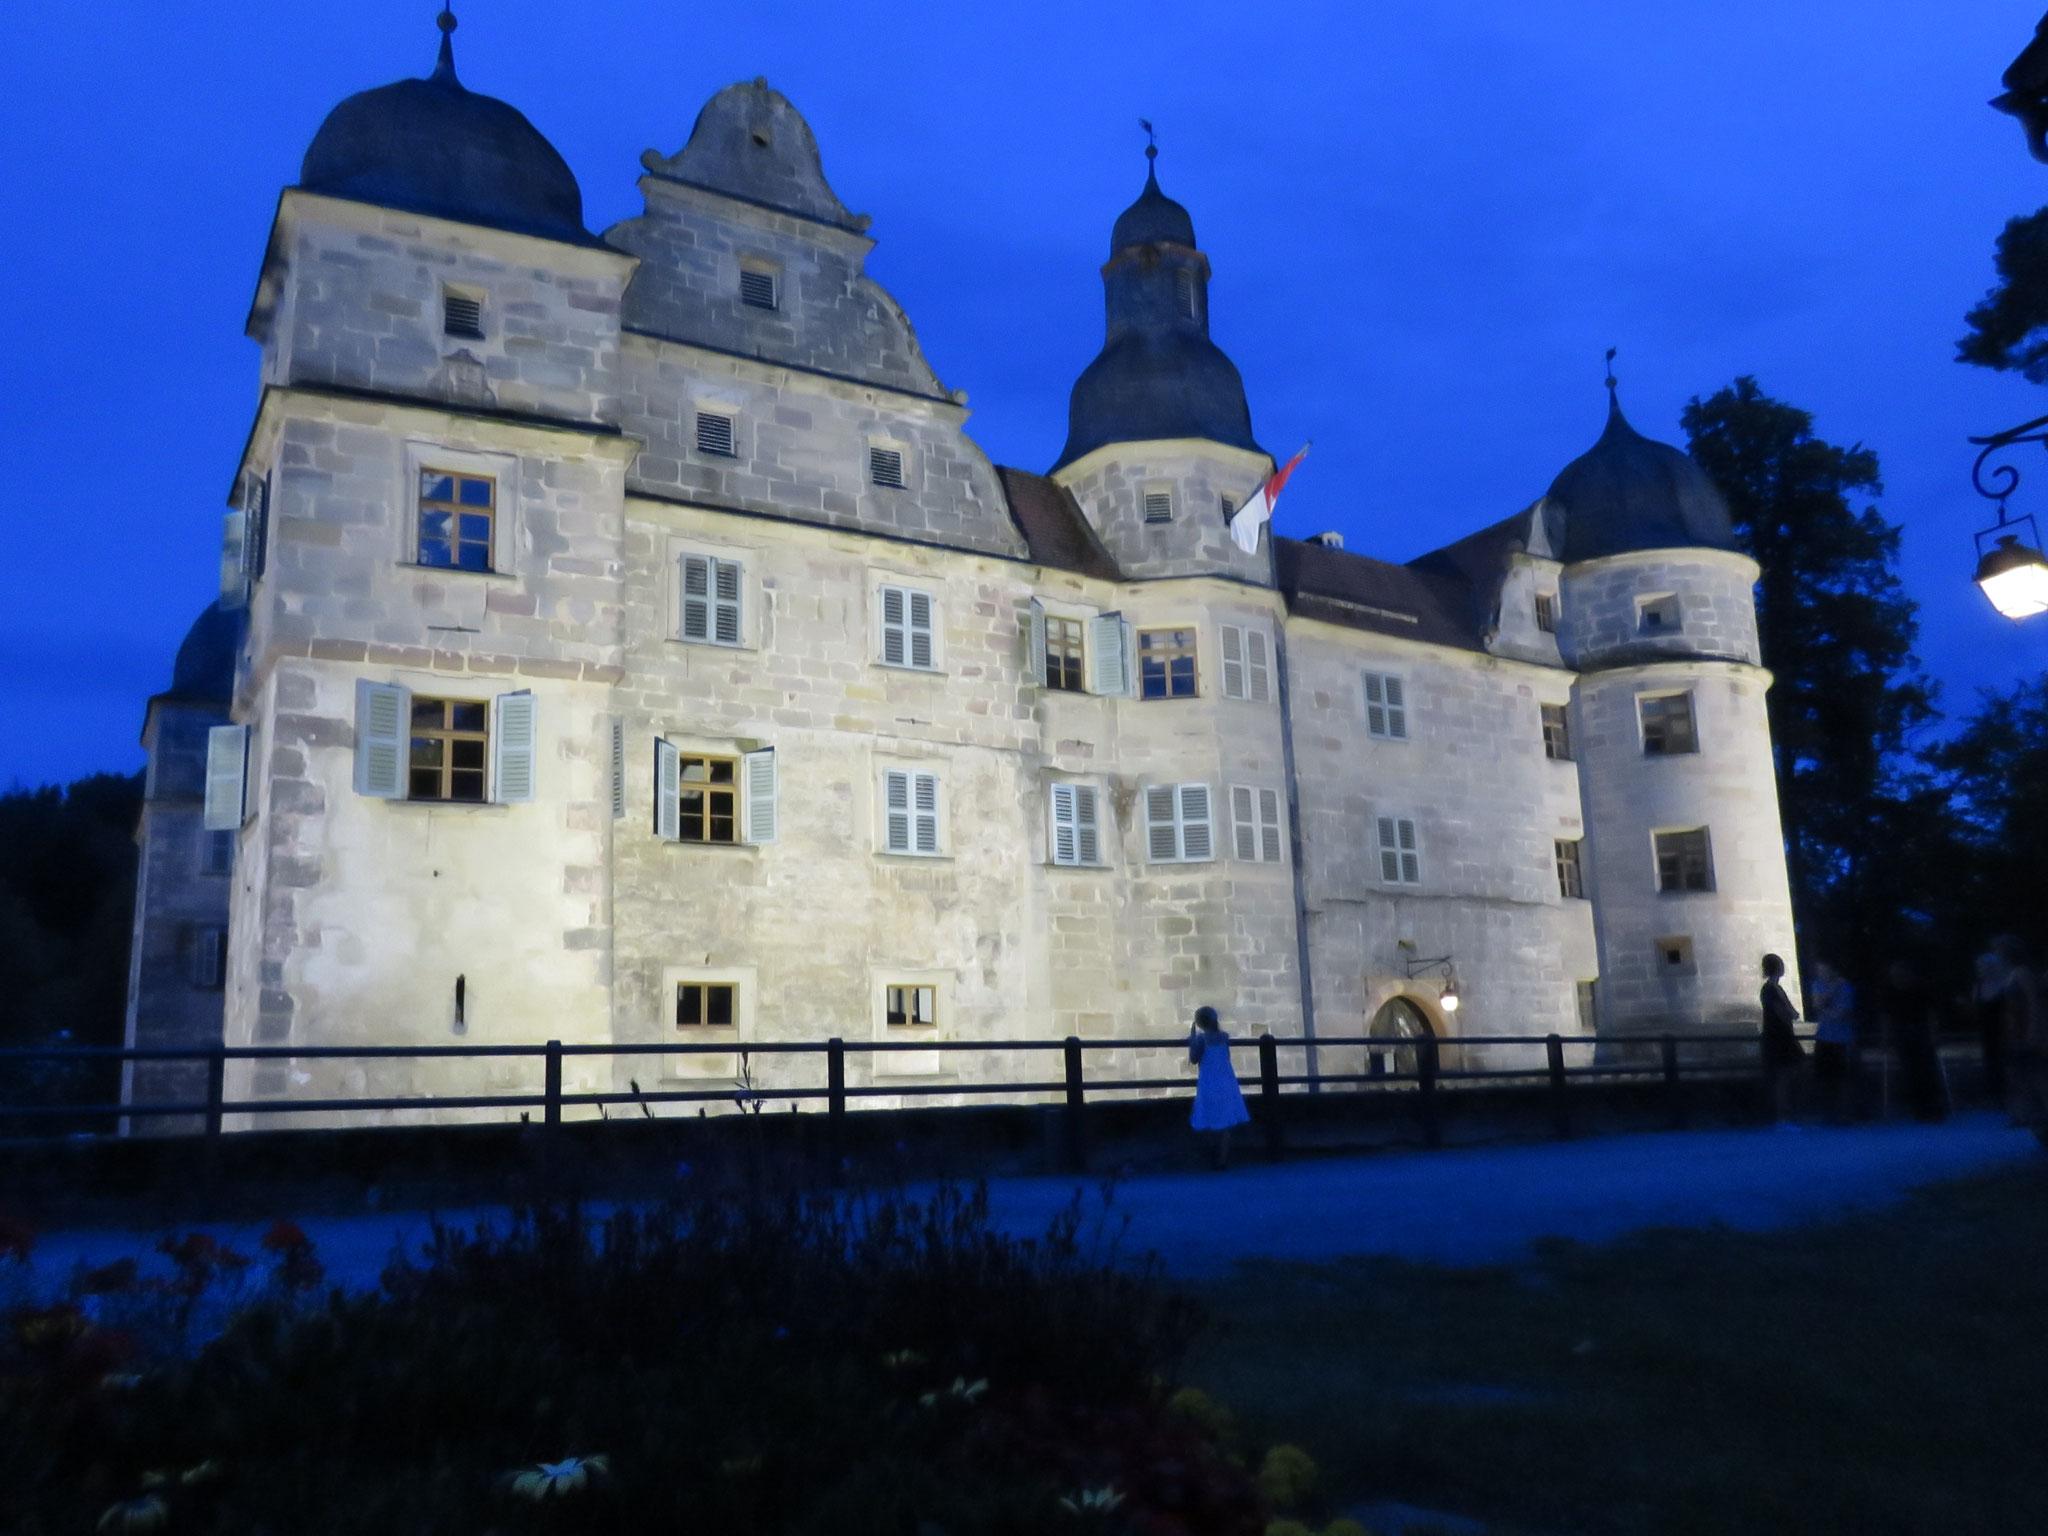 Im Juli waren wir bereit zu neuer Reise in alte Zeit. Das Schloss zu Mitwitz lud uns ein, Gast anno 1892 zu sein.